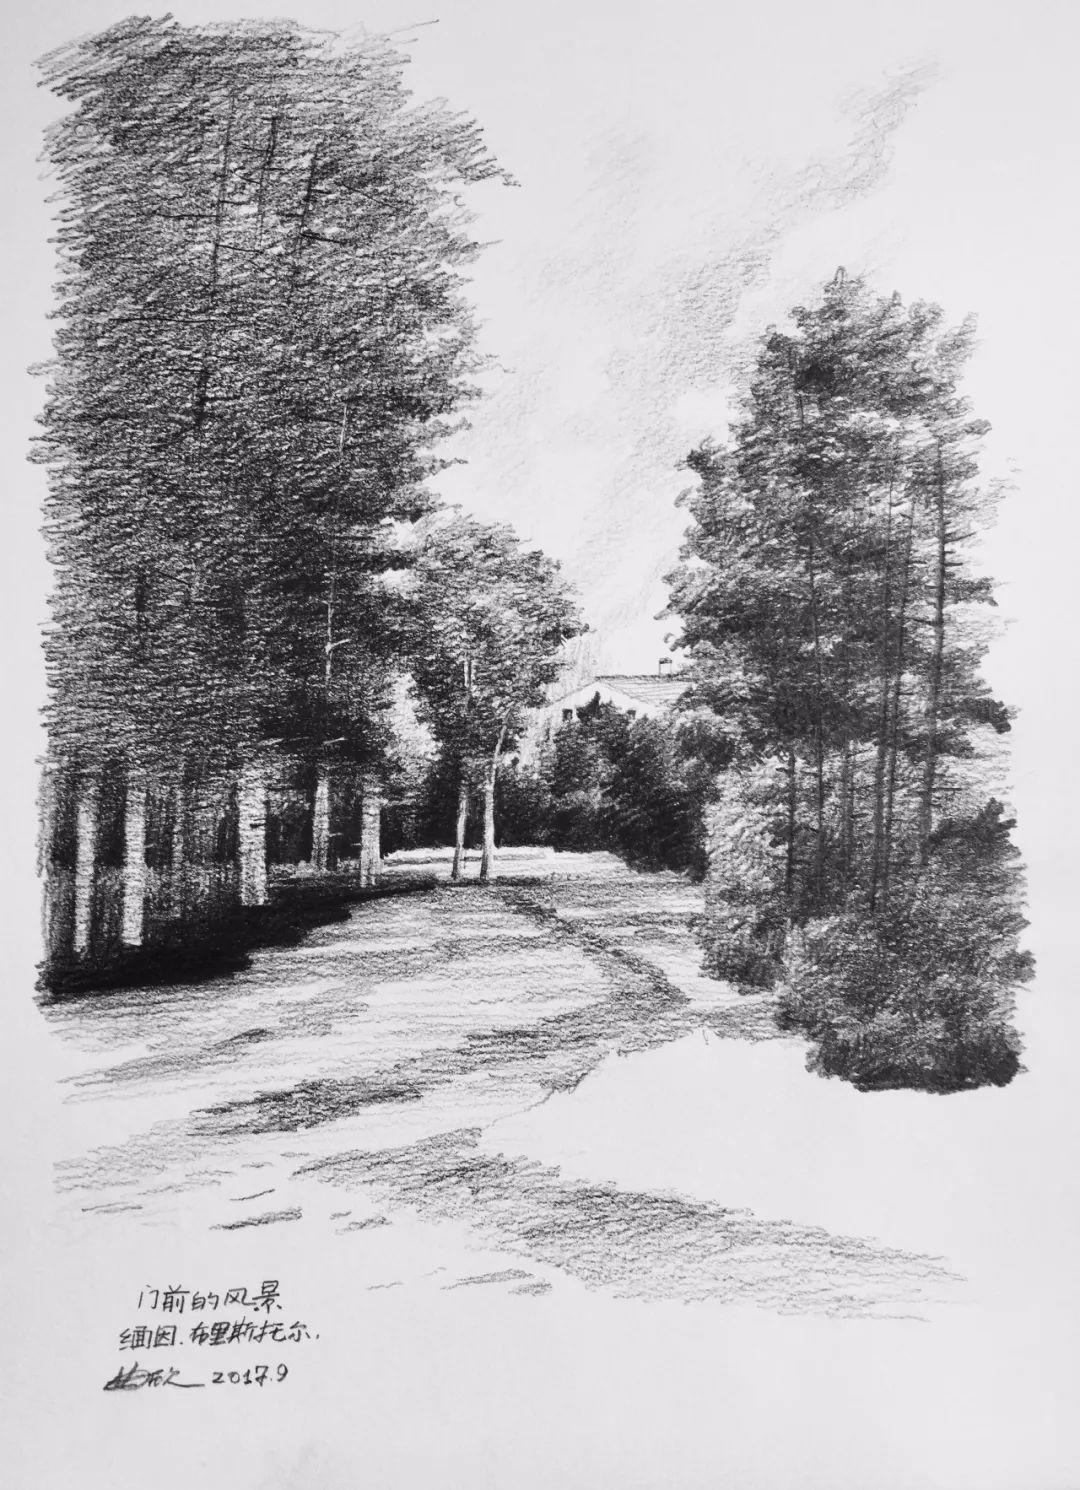 曲欣,《门前的风景》,纸面铅笔,28×38cm,2017年9月